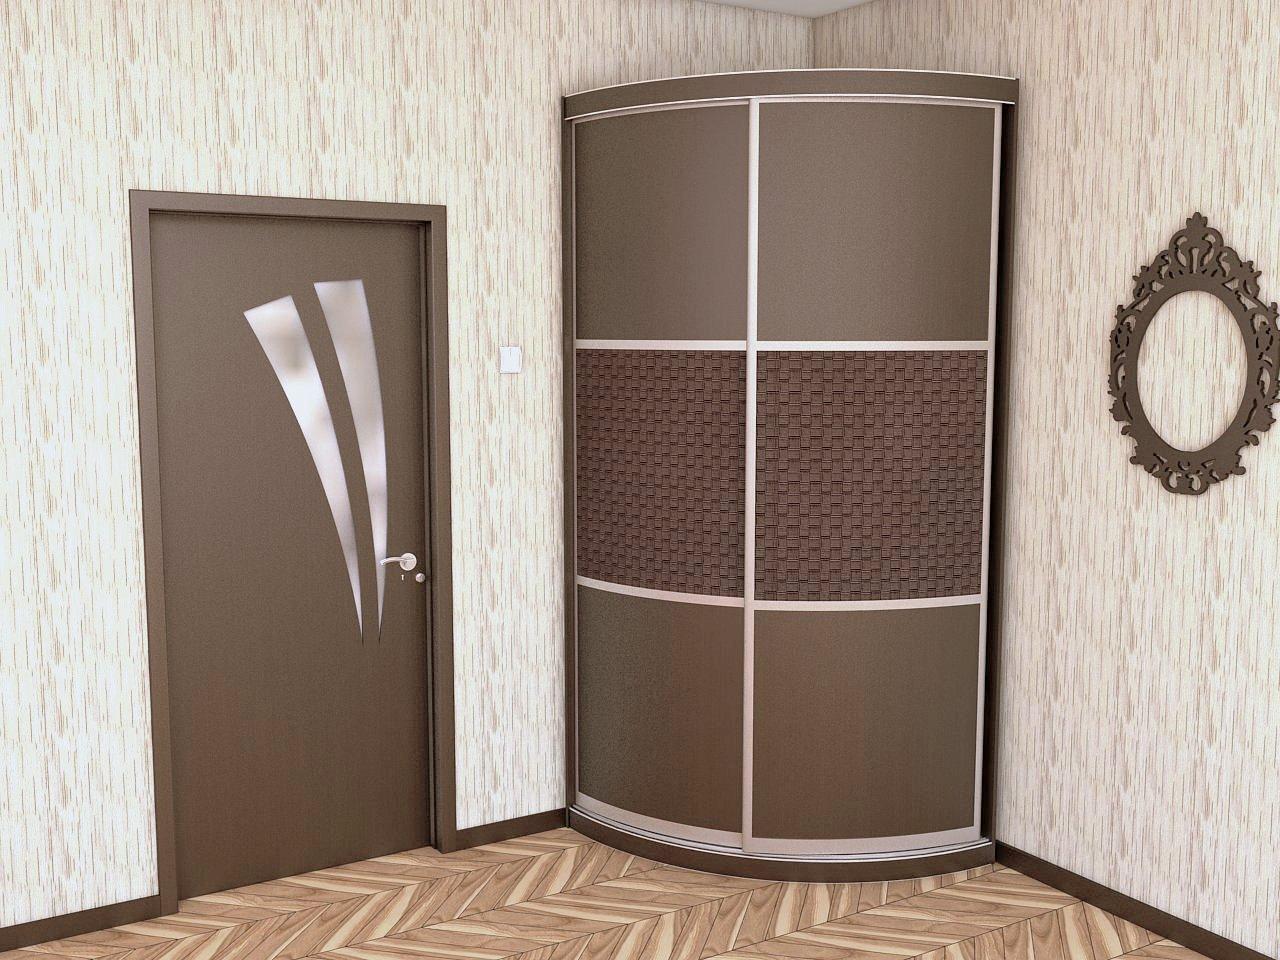 Радиусный шкаф купе угловой, плюсы и минусы, а также наполнение